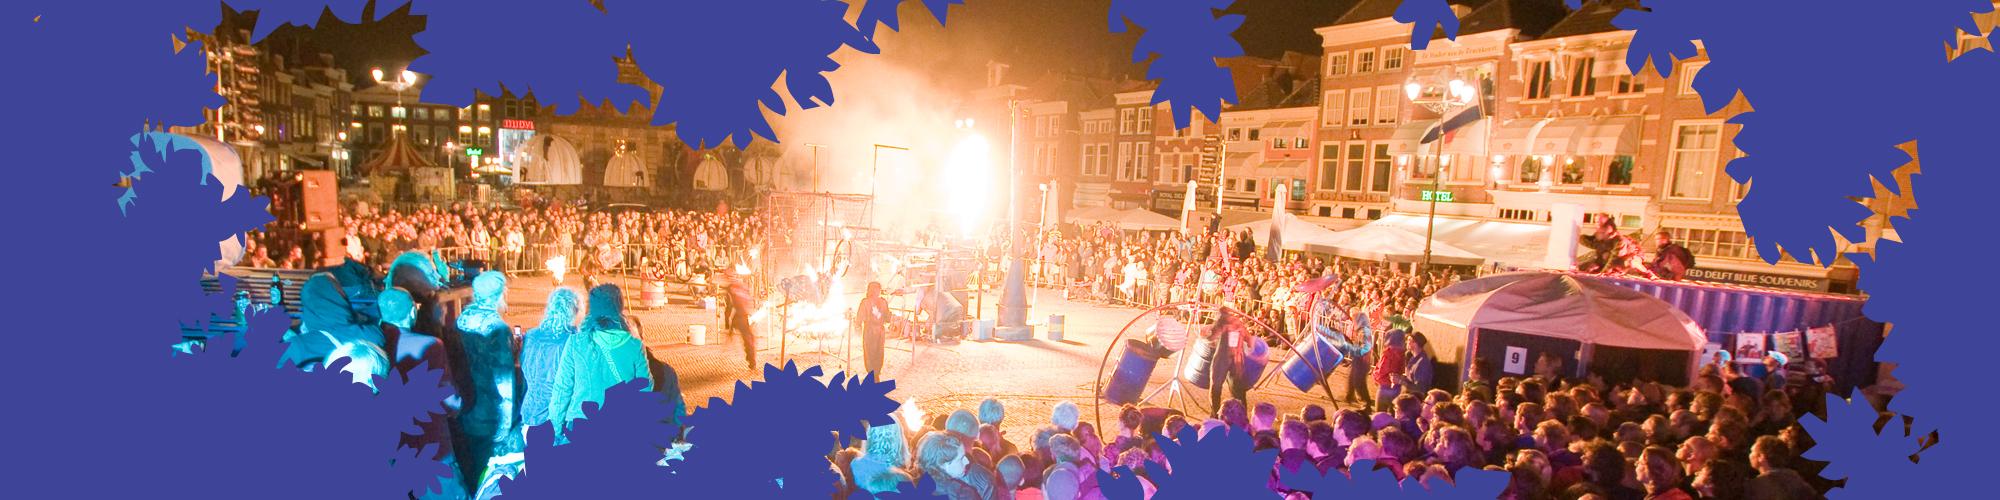 Blikopener Festival